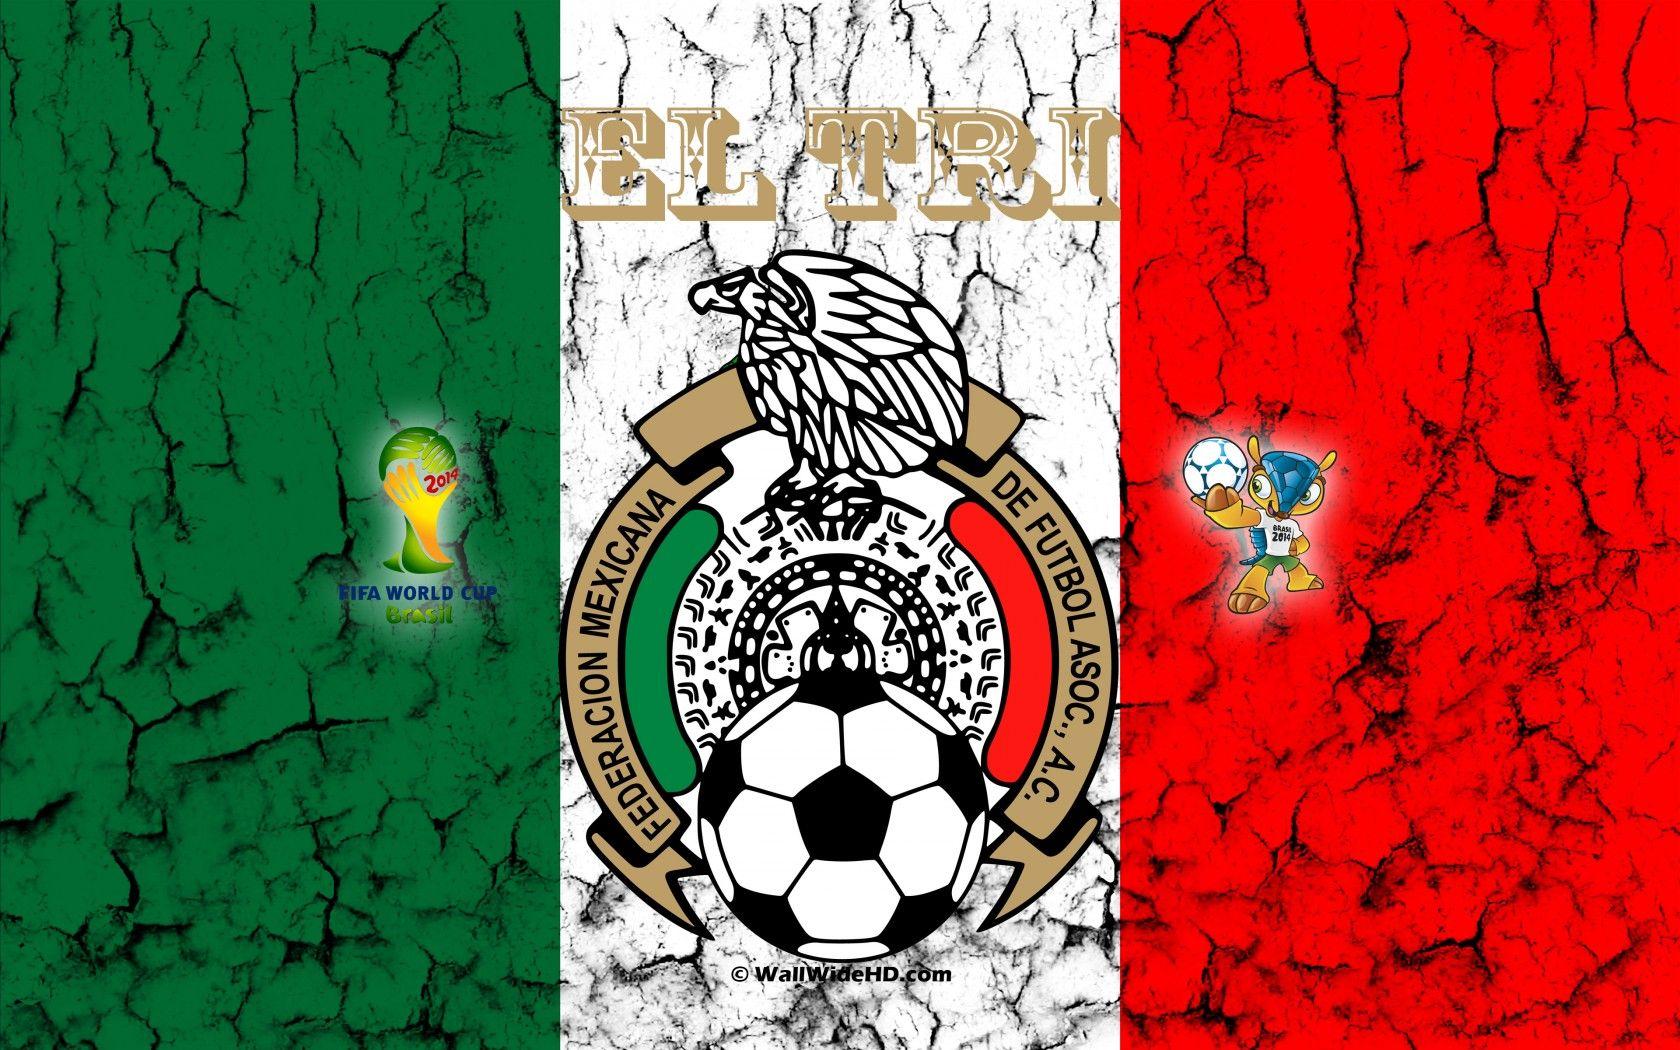 El Tri 2014 Mexico Football Crest Logo World Cup Wallpaper